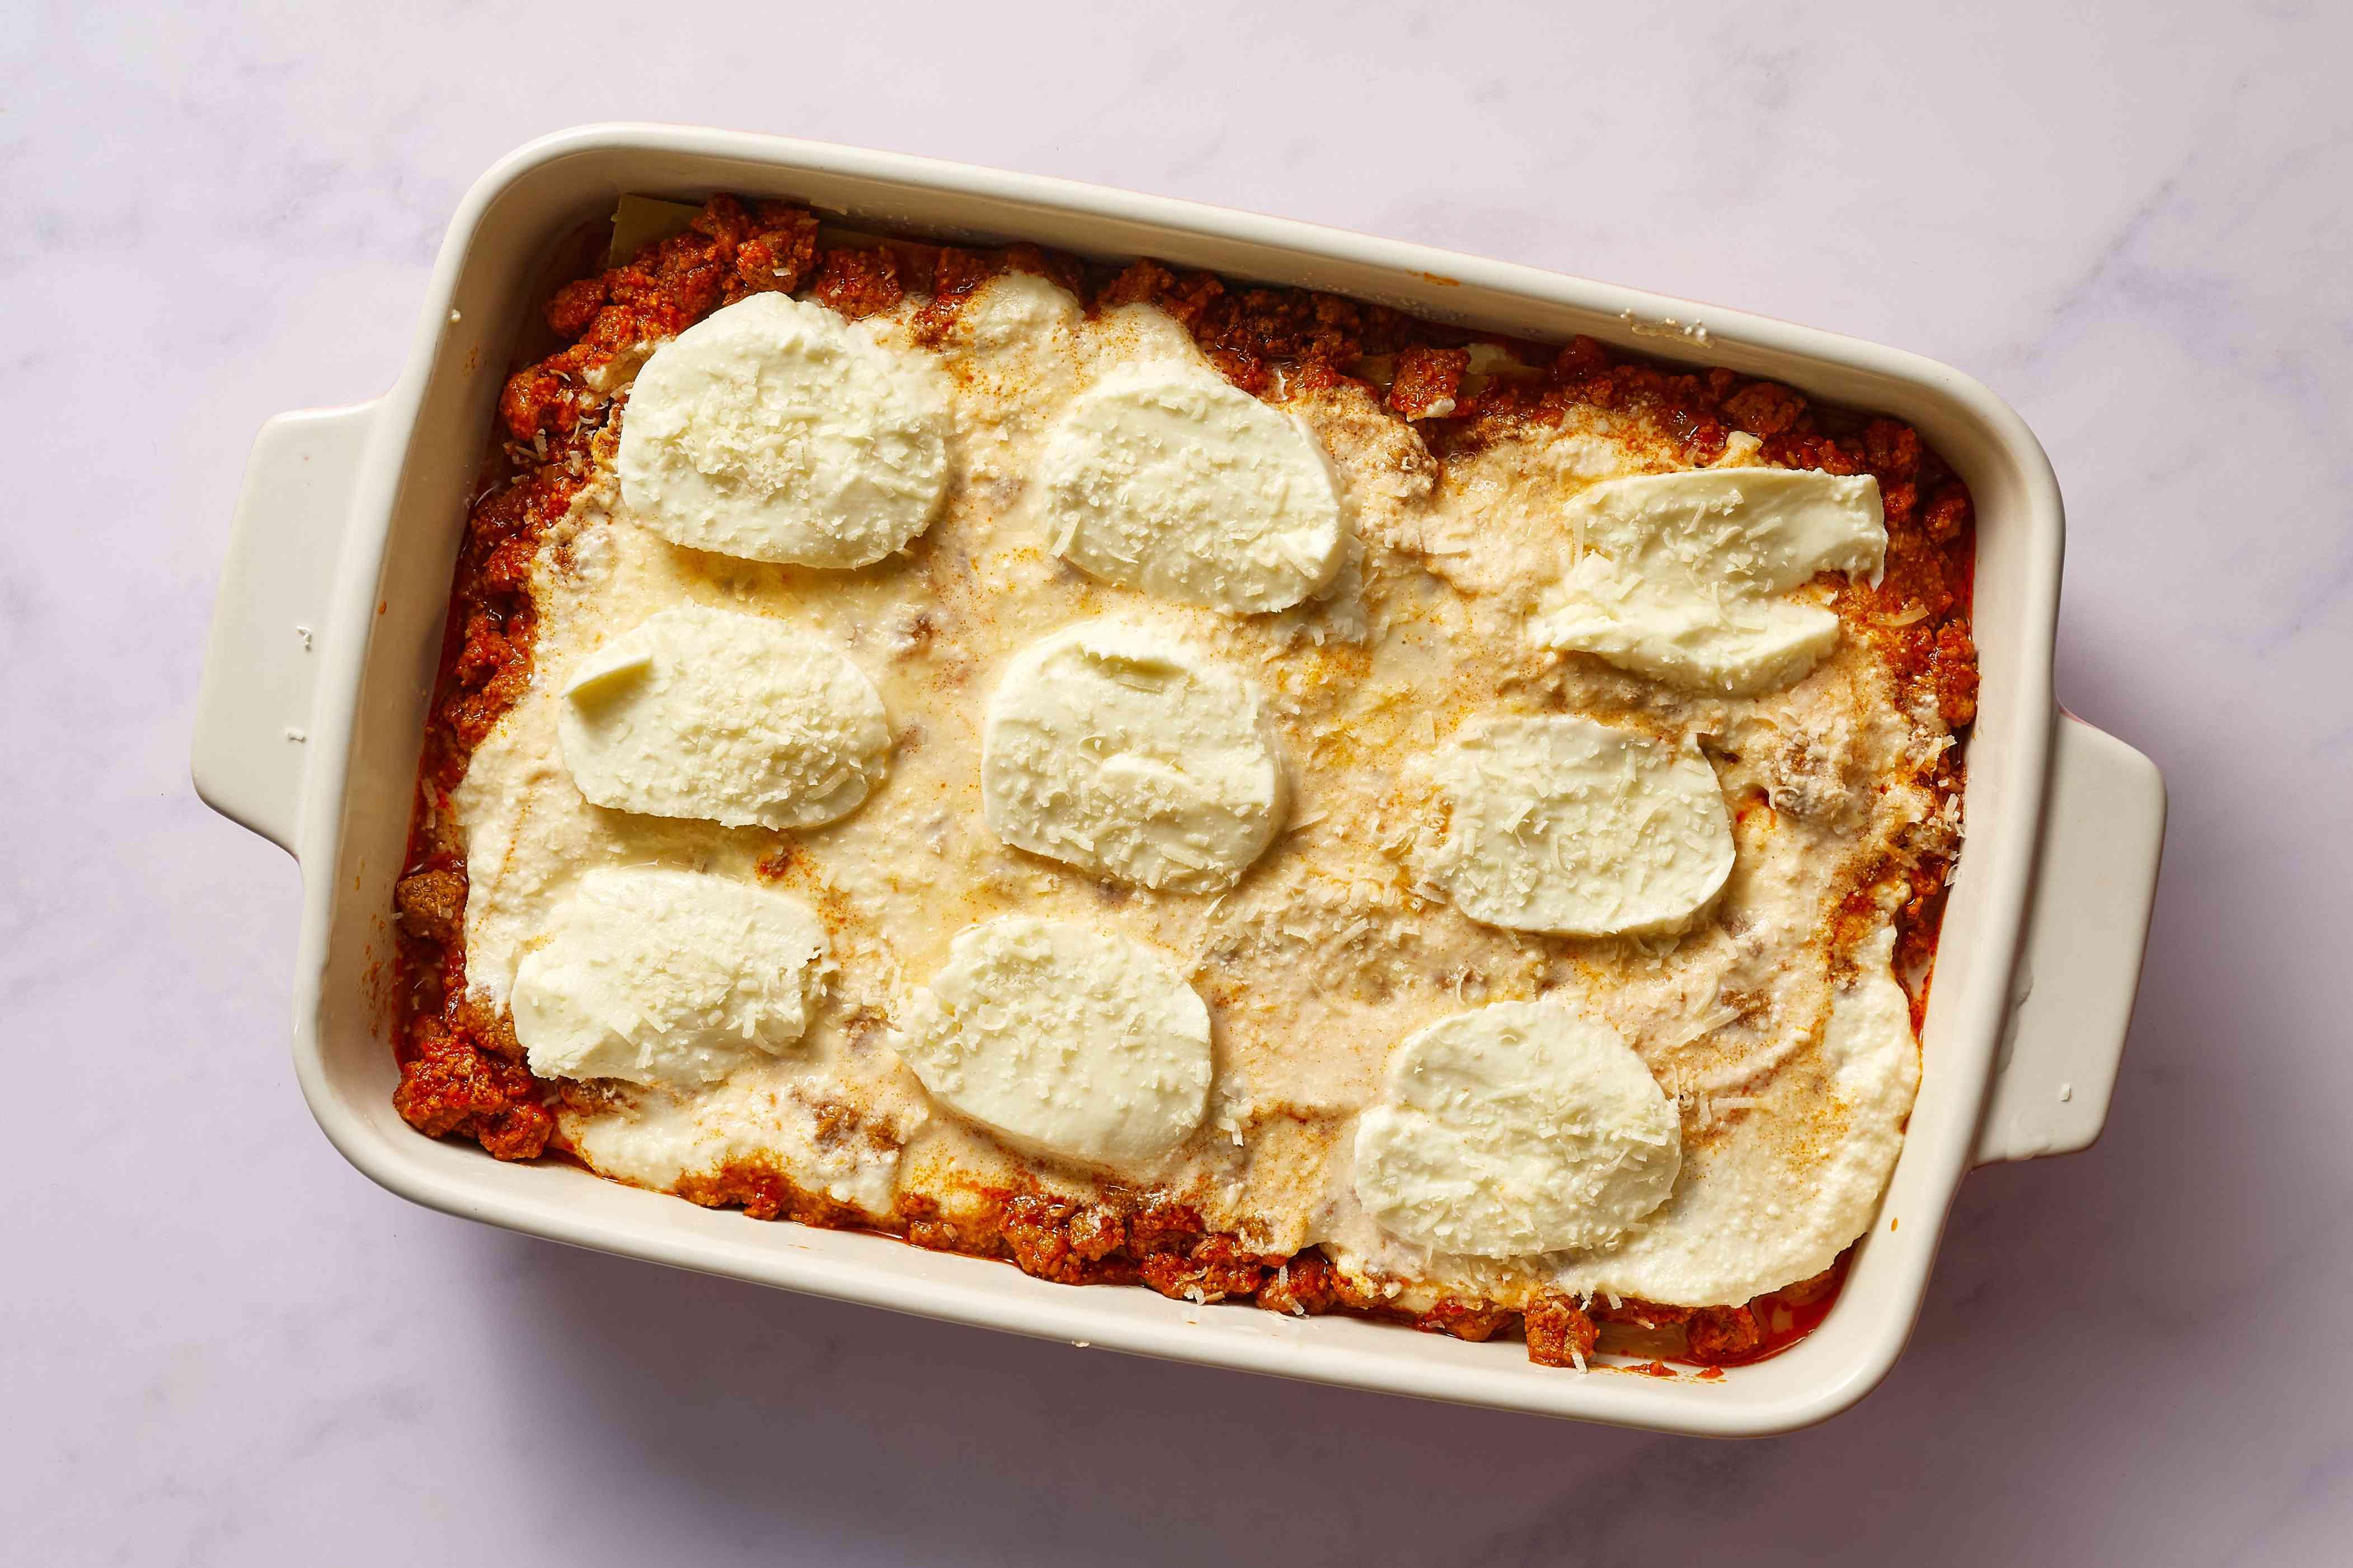 Lasagna layered in a pan before baking